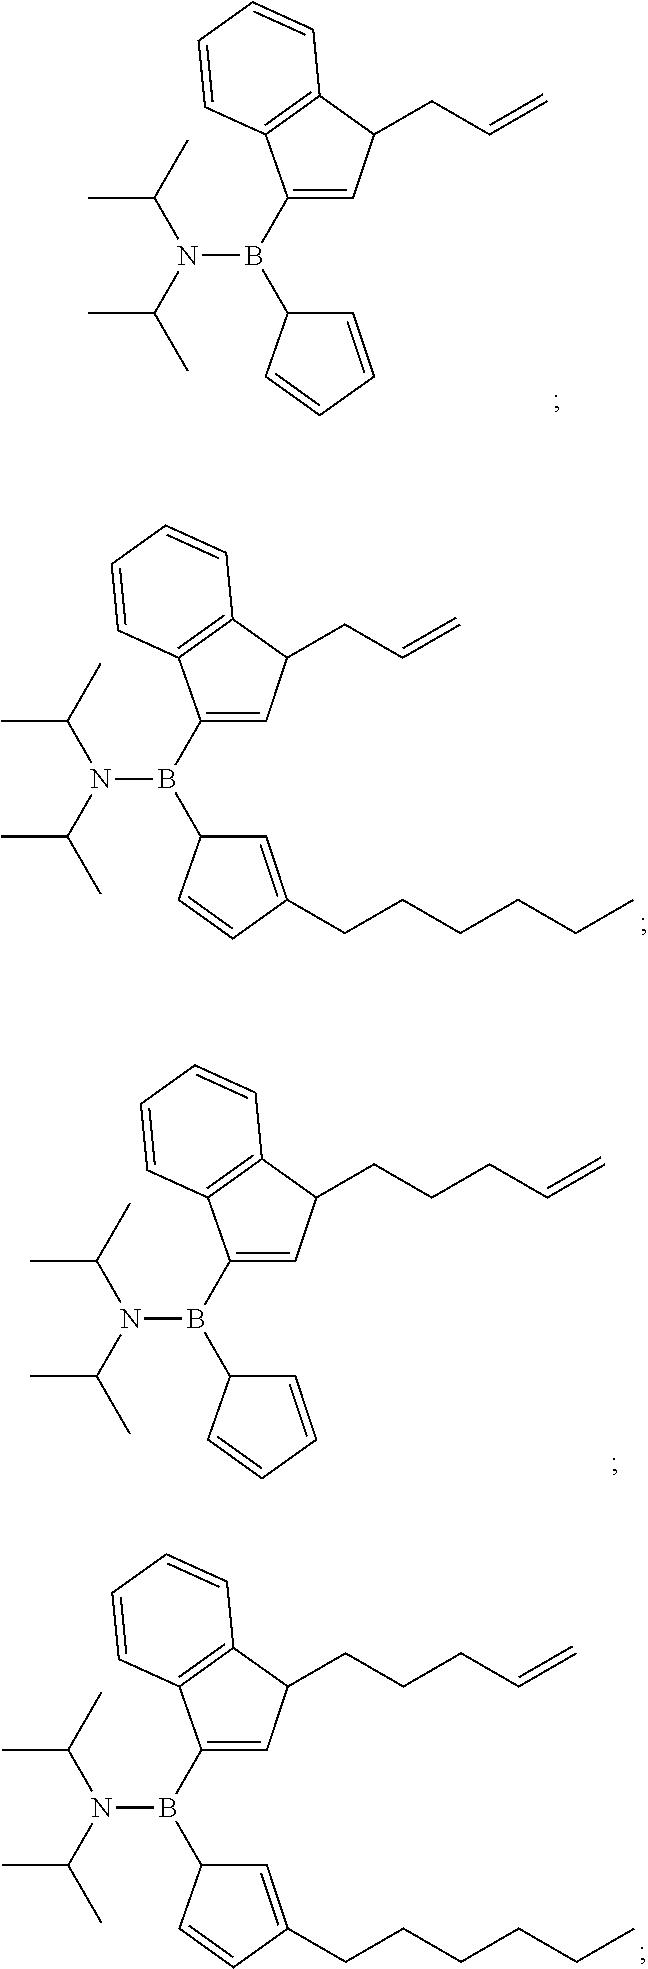 Figure US09303109-20160405-C00009